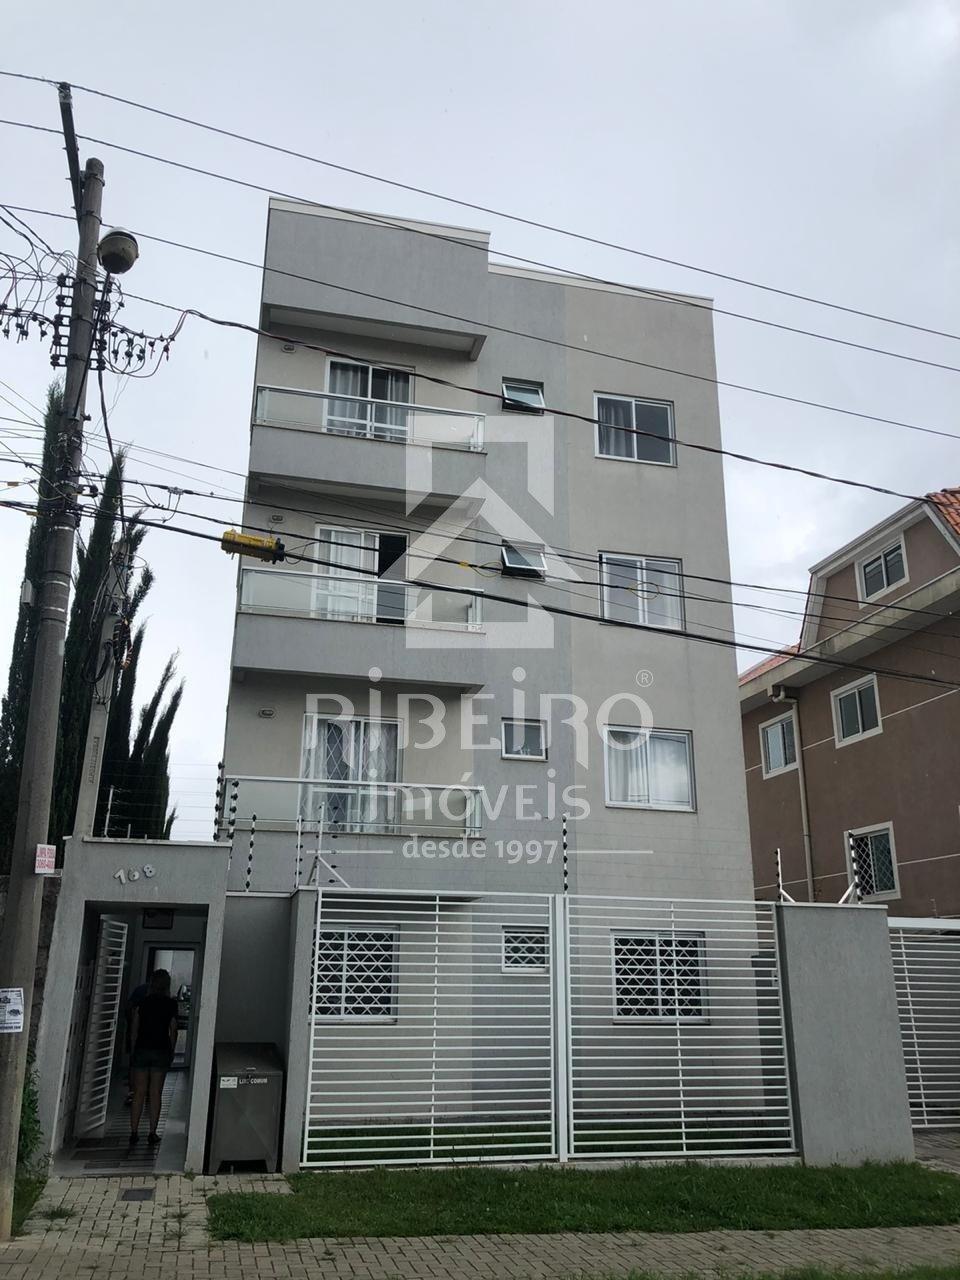 REF. 8470 -  Sao Jose Dos Pinhais - Rua  Doutor Canuto Maciel De Araujo, 768 - Apto 01